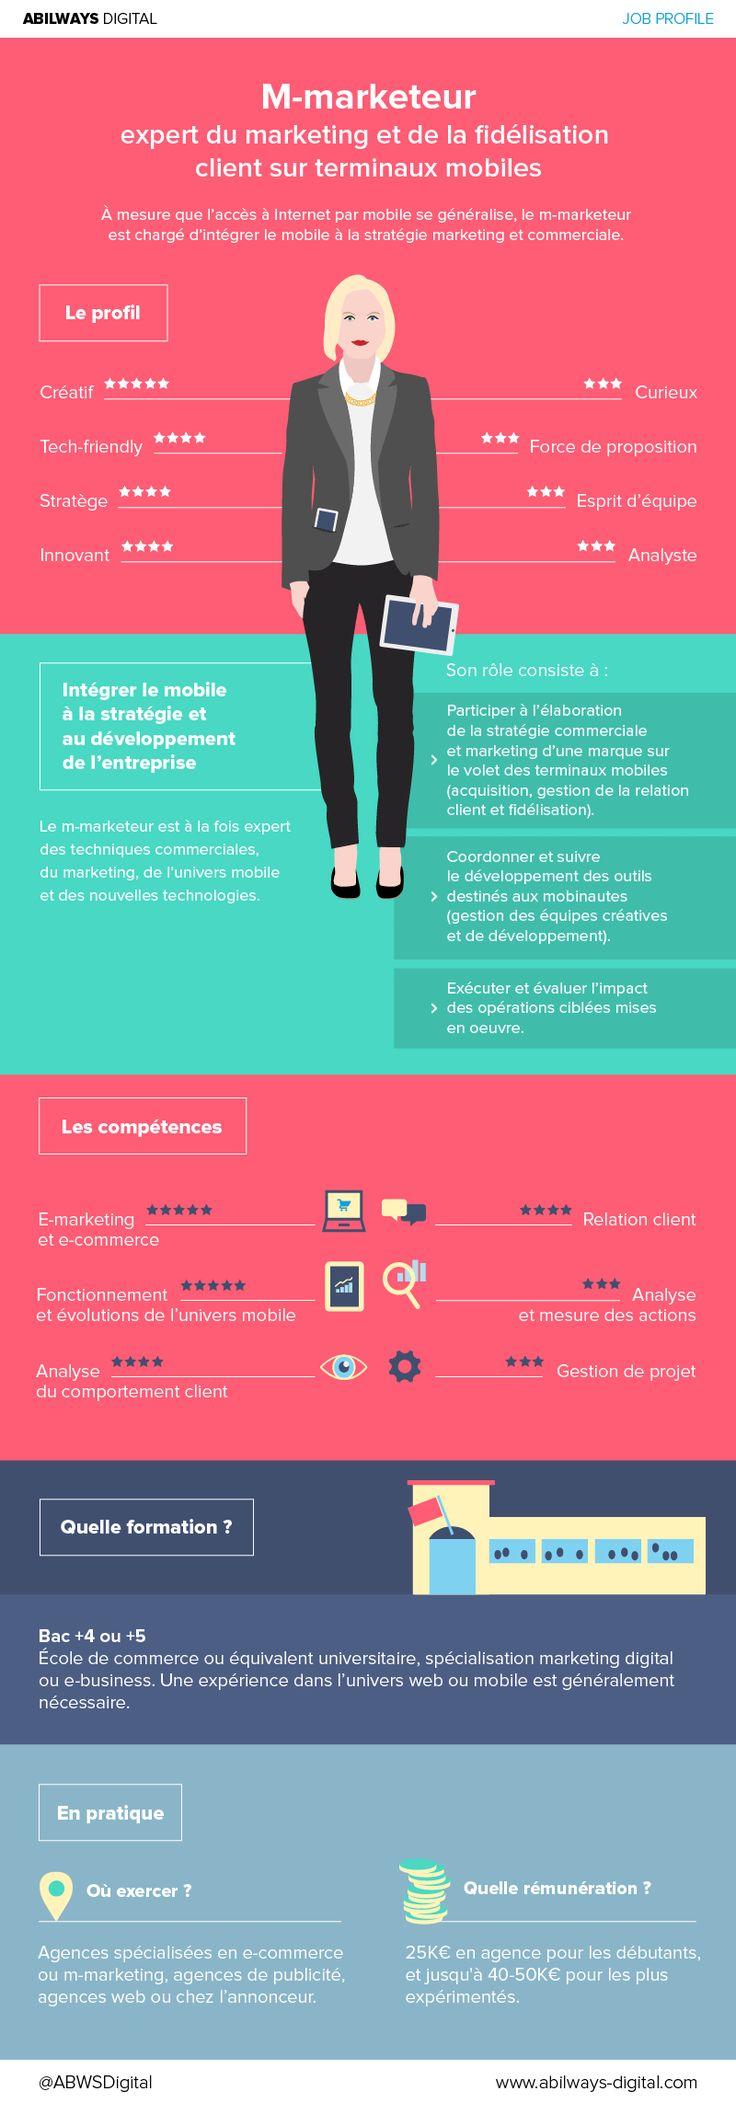 Infographie Job profile M-marketeur